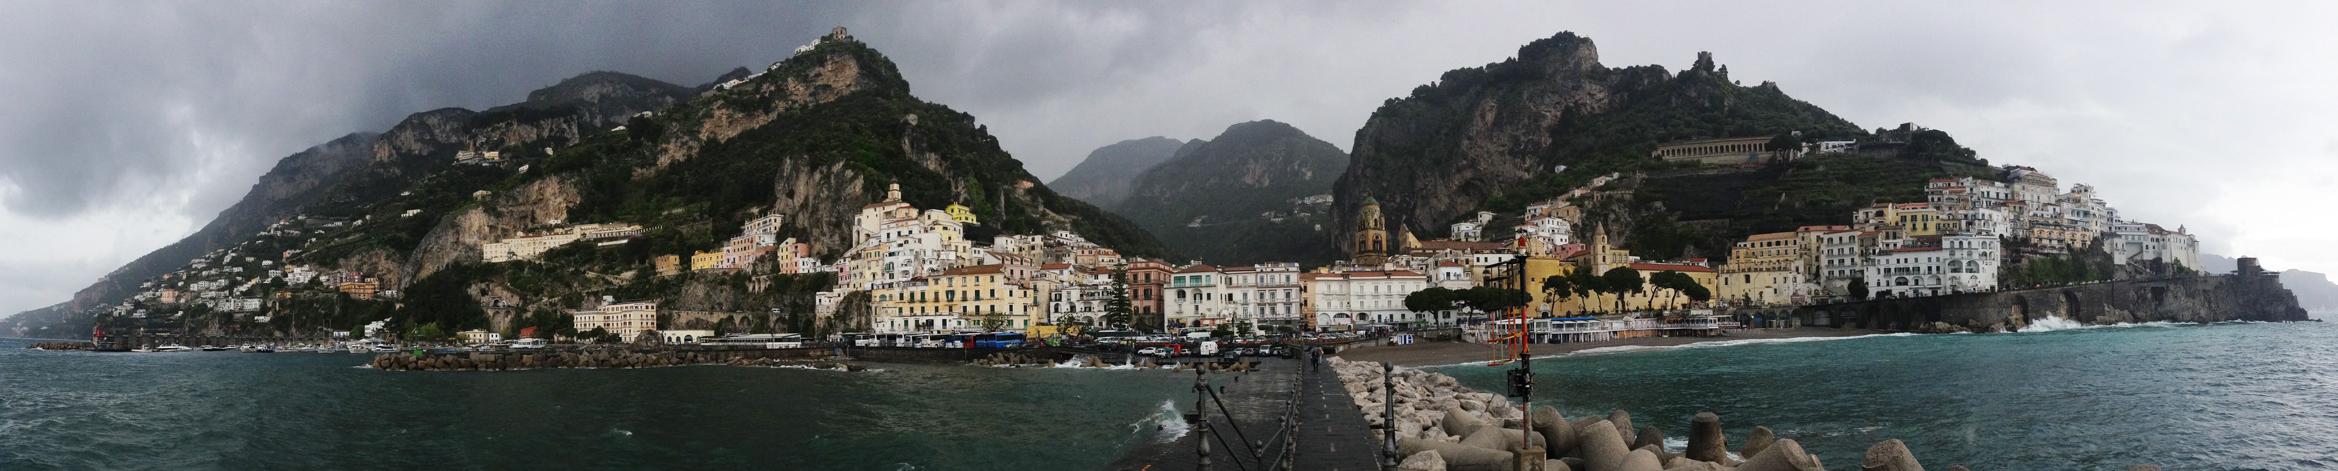 Italie ::La vue sur la ville d'Amalfi est tout simplement magique sous les nuages.